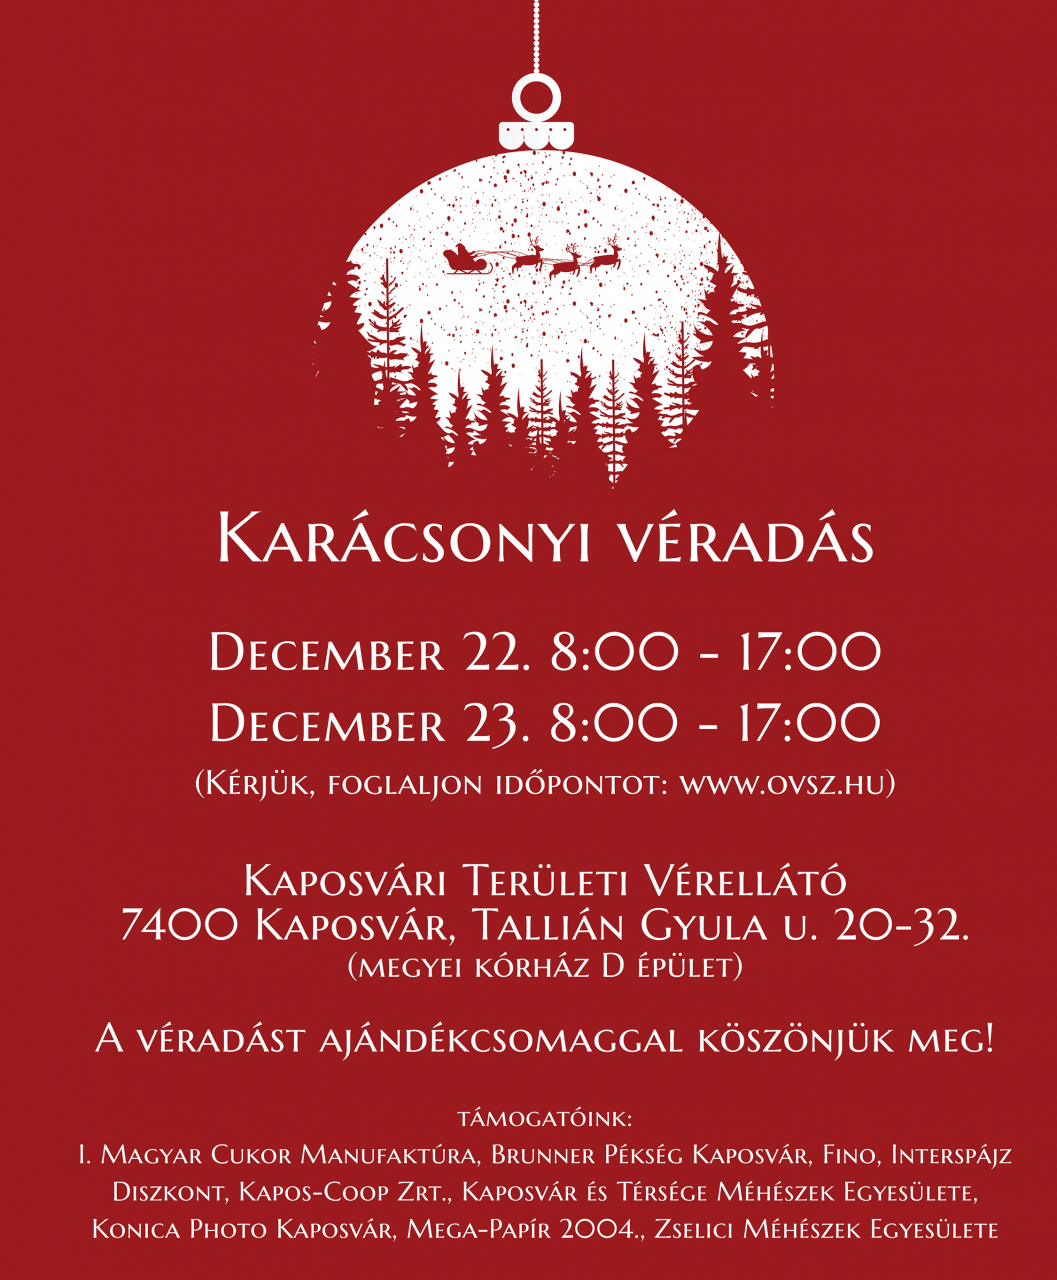 Karácsonyi véradás Kaposváron